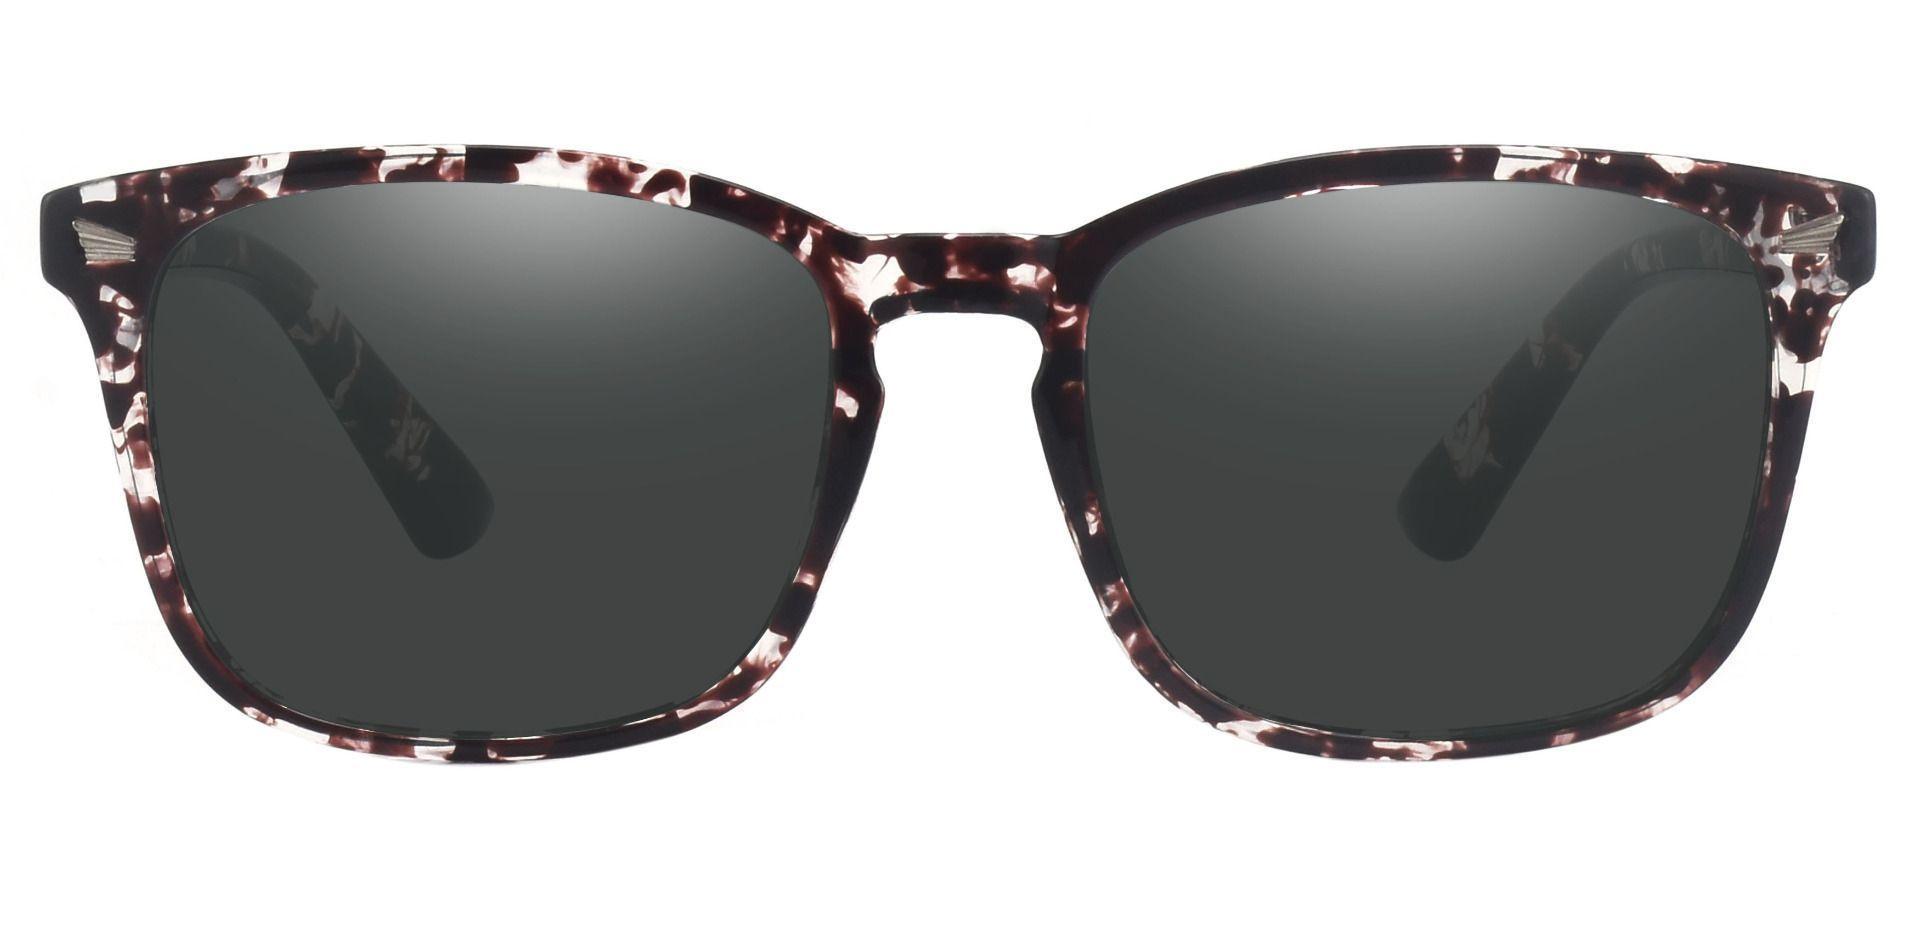 Rogan Square Prescription Sunglasses - Multi Color Frame With Gray Lenses